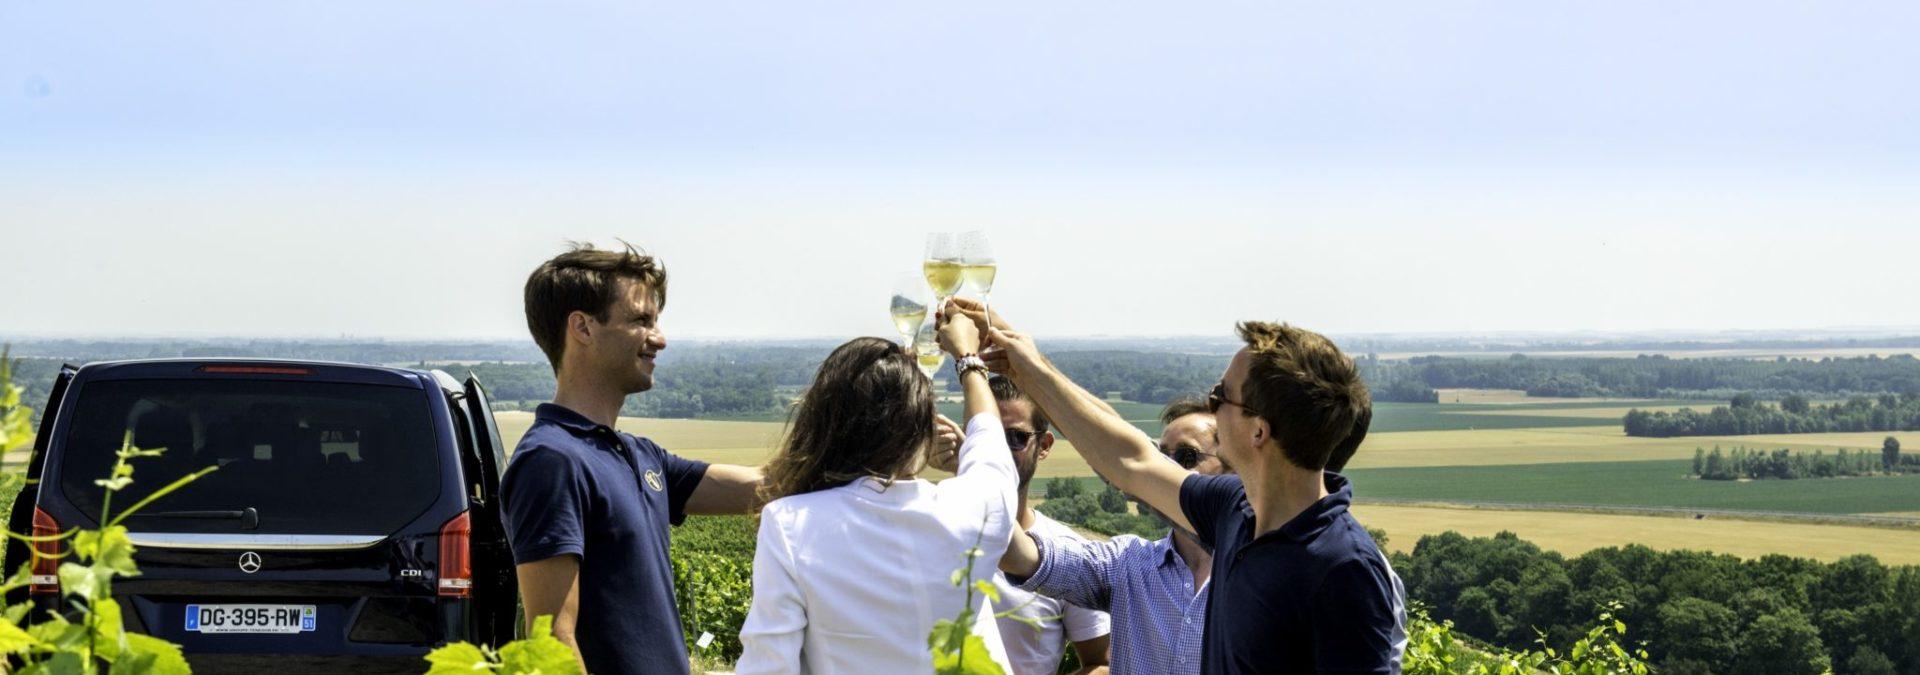 A la Française Champagne